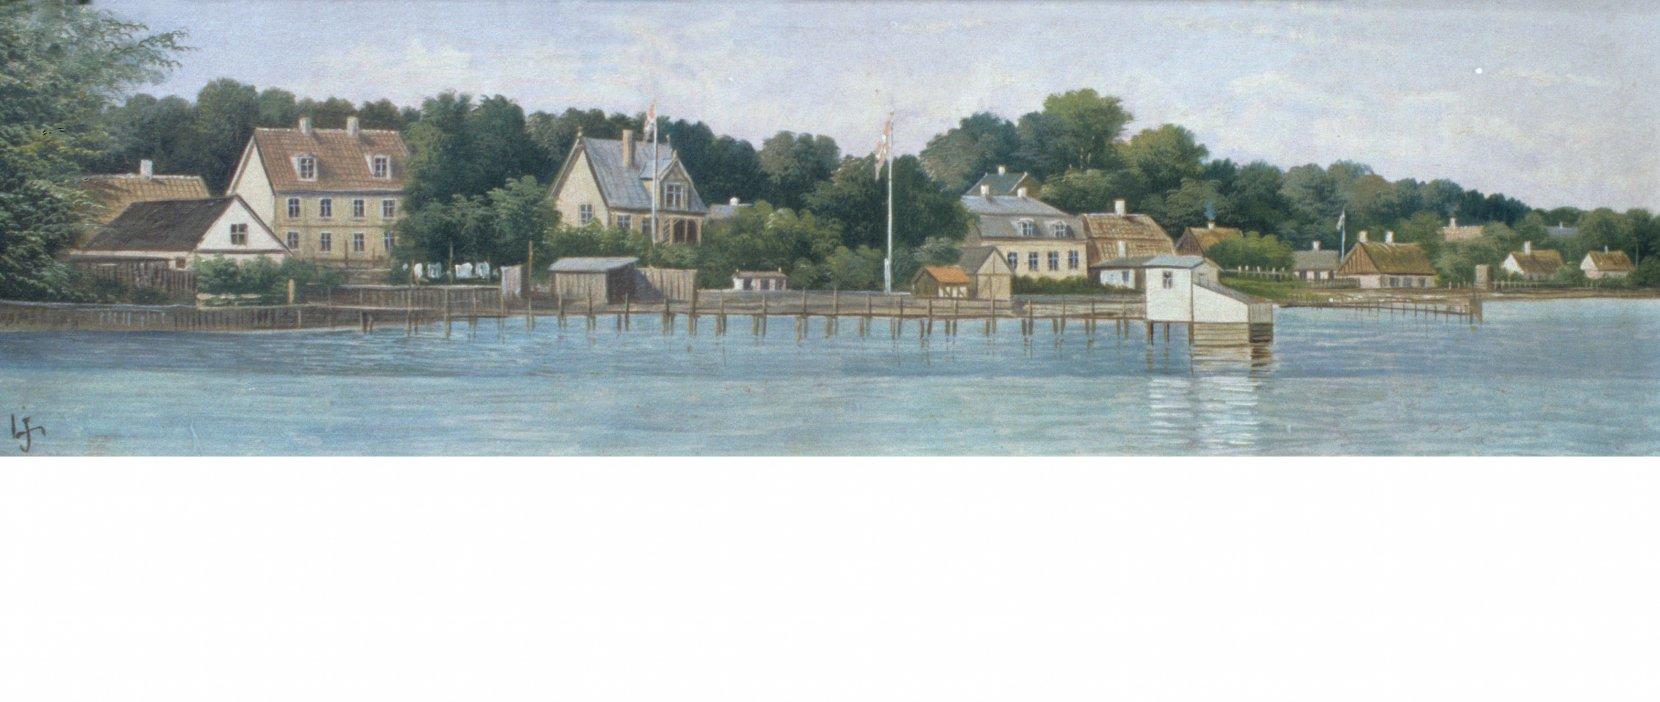 Skodsborg Kyst med badehuse malet ca 1890